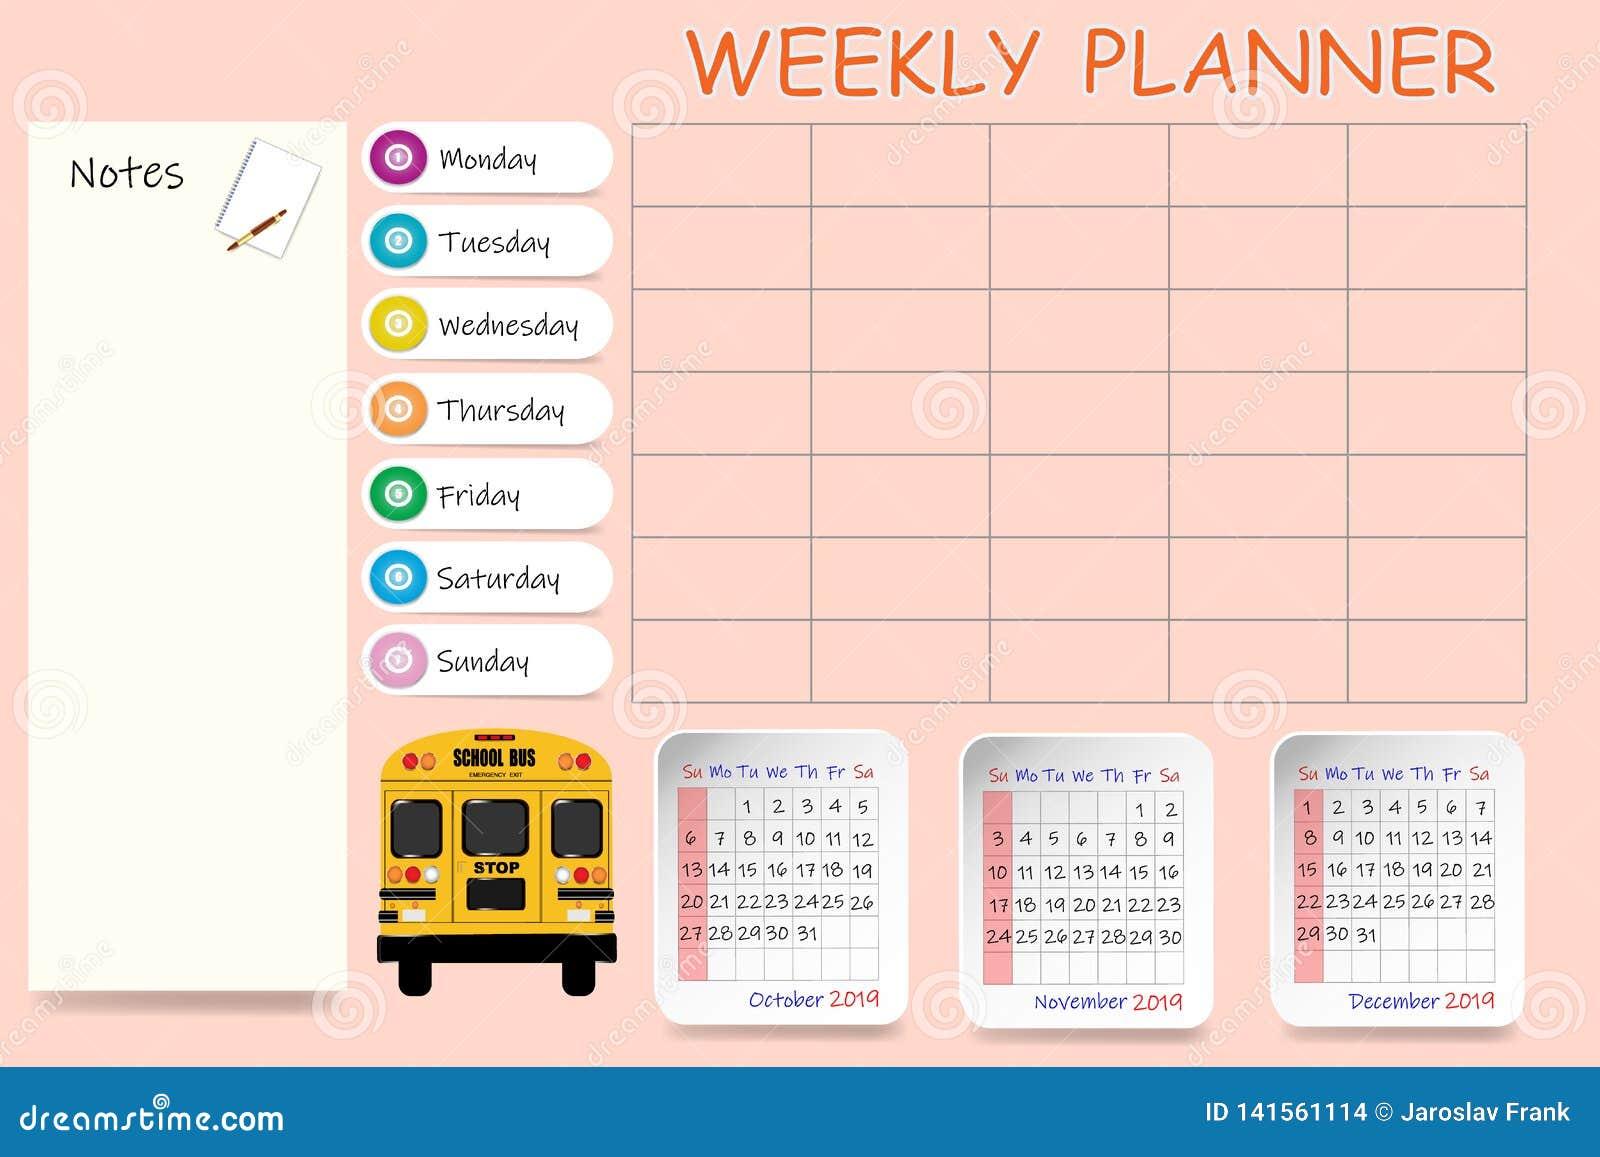 Pagina Calendario Settimanale.Calendario Settimanale Della Scuola Per Il Quarto Trimestre